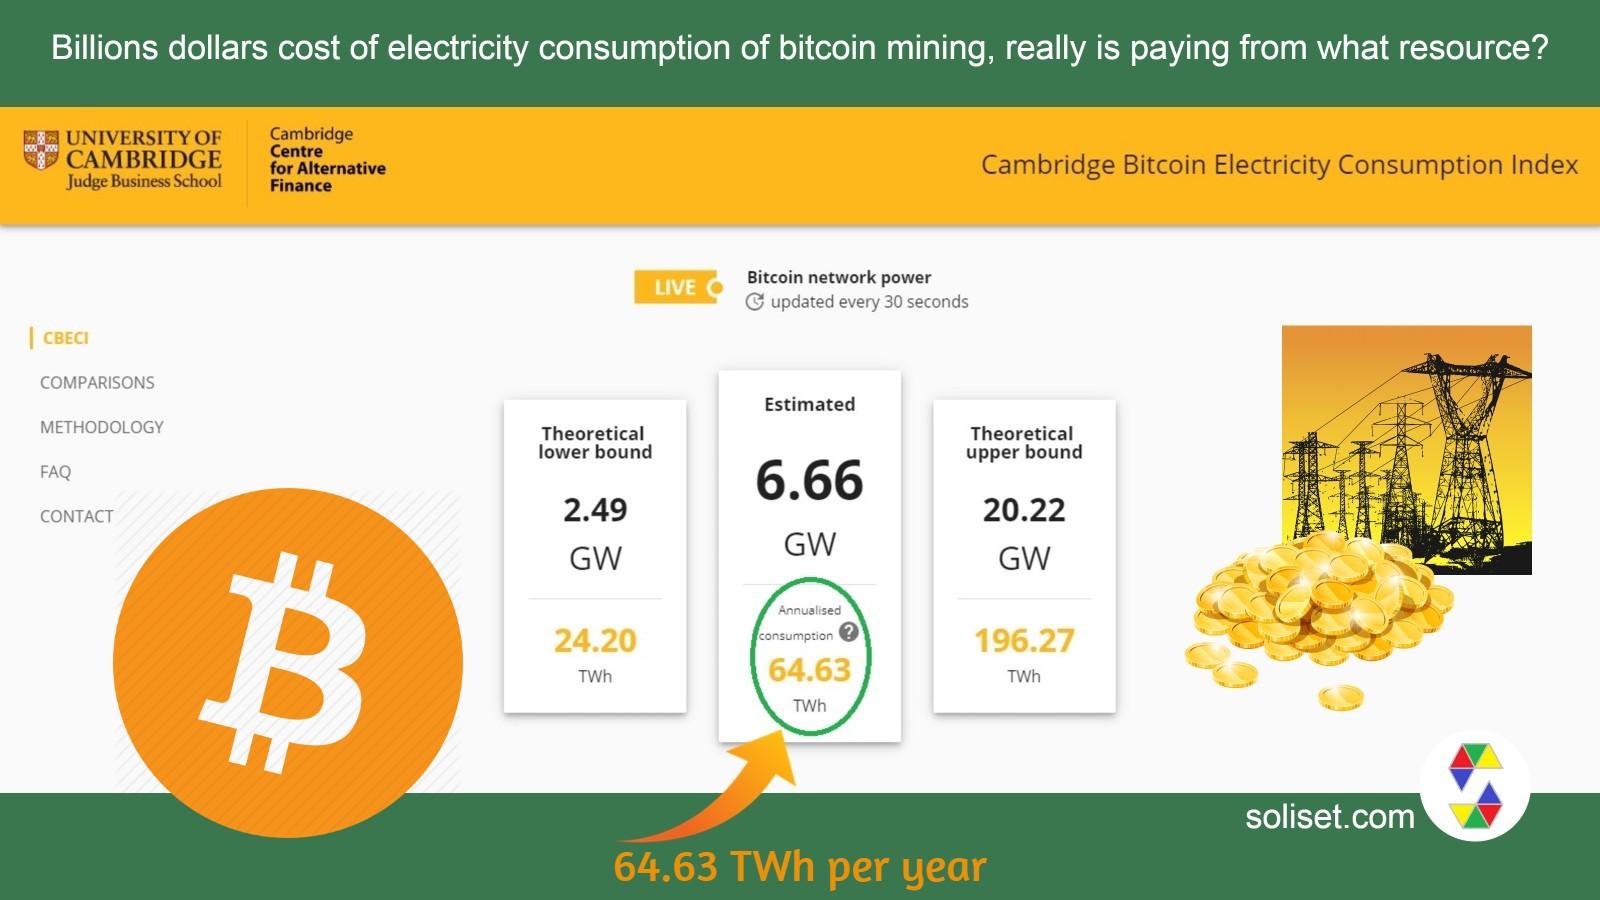 میلیاردها دلار هزینه برق مصرفی برای استخراج بیت کوین؛ از چه منبعی و چگونه تامین می شود.